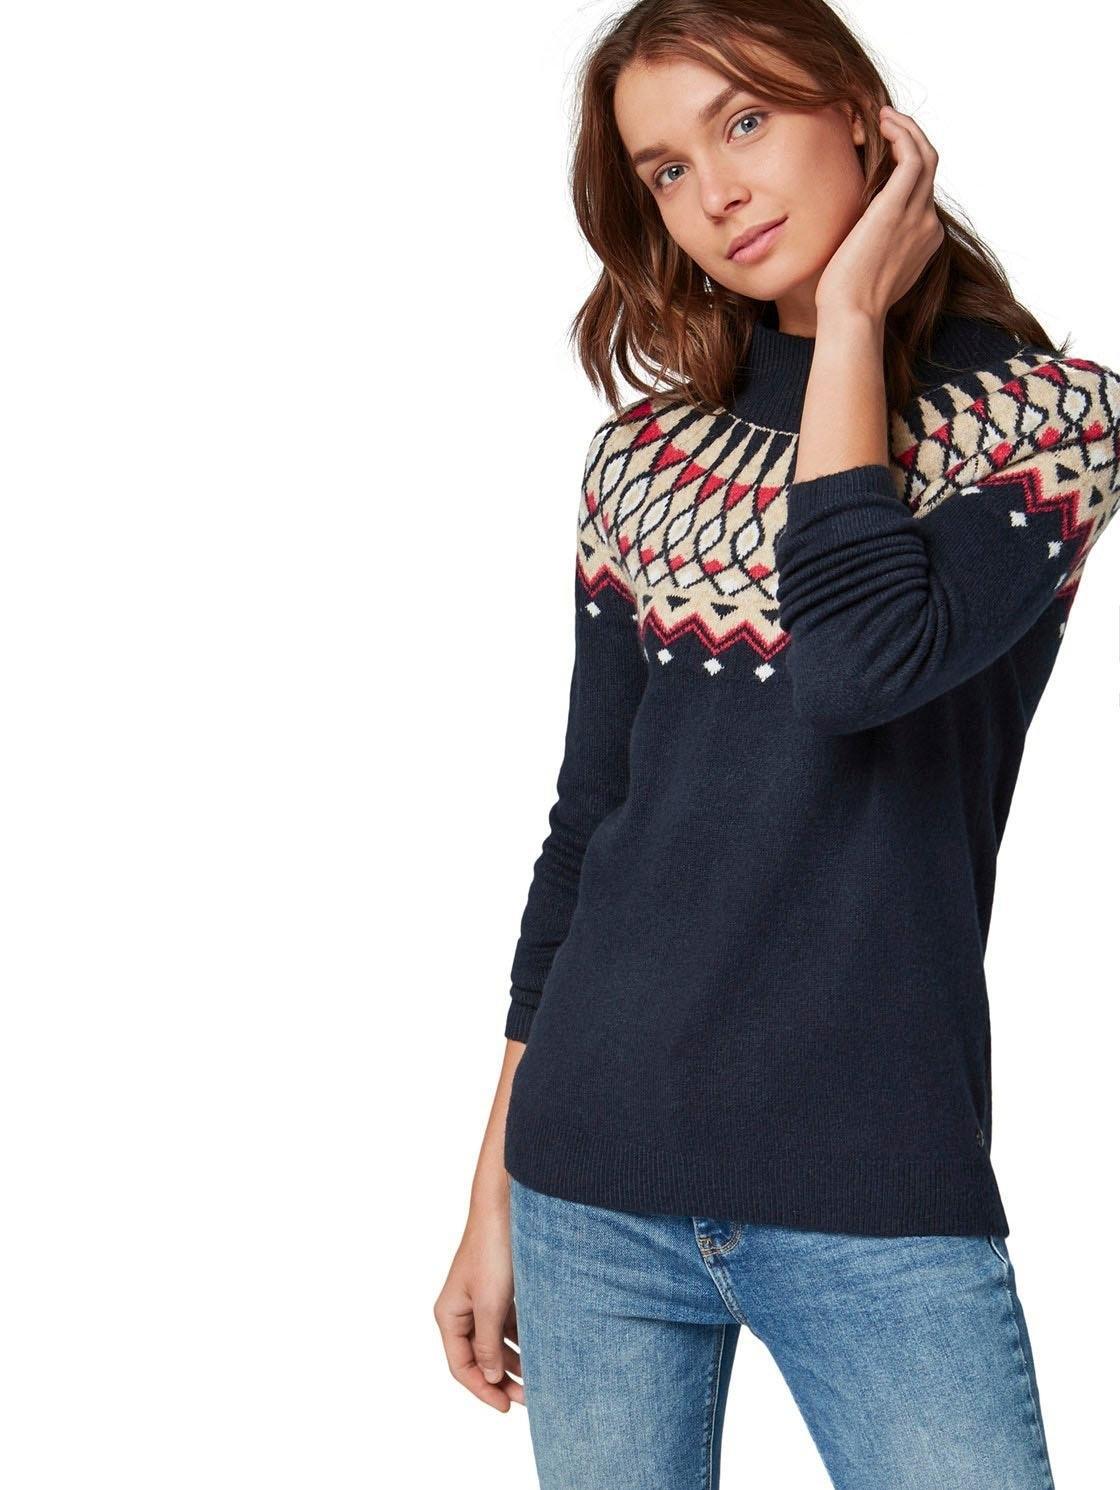 TOM TAILOR noorse trui voordelig en veilig online kopen